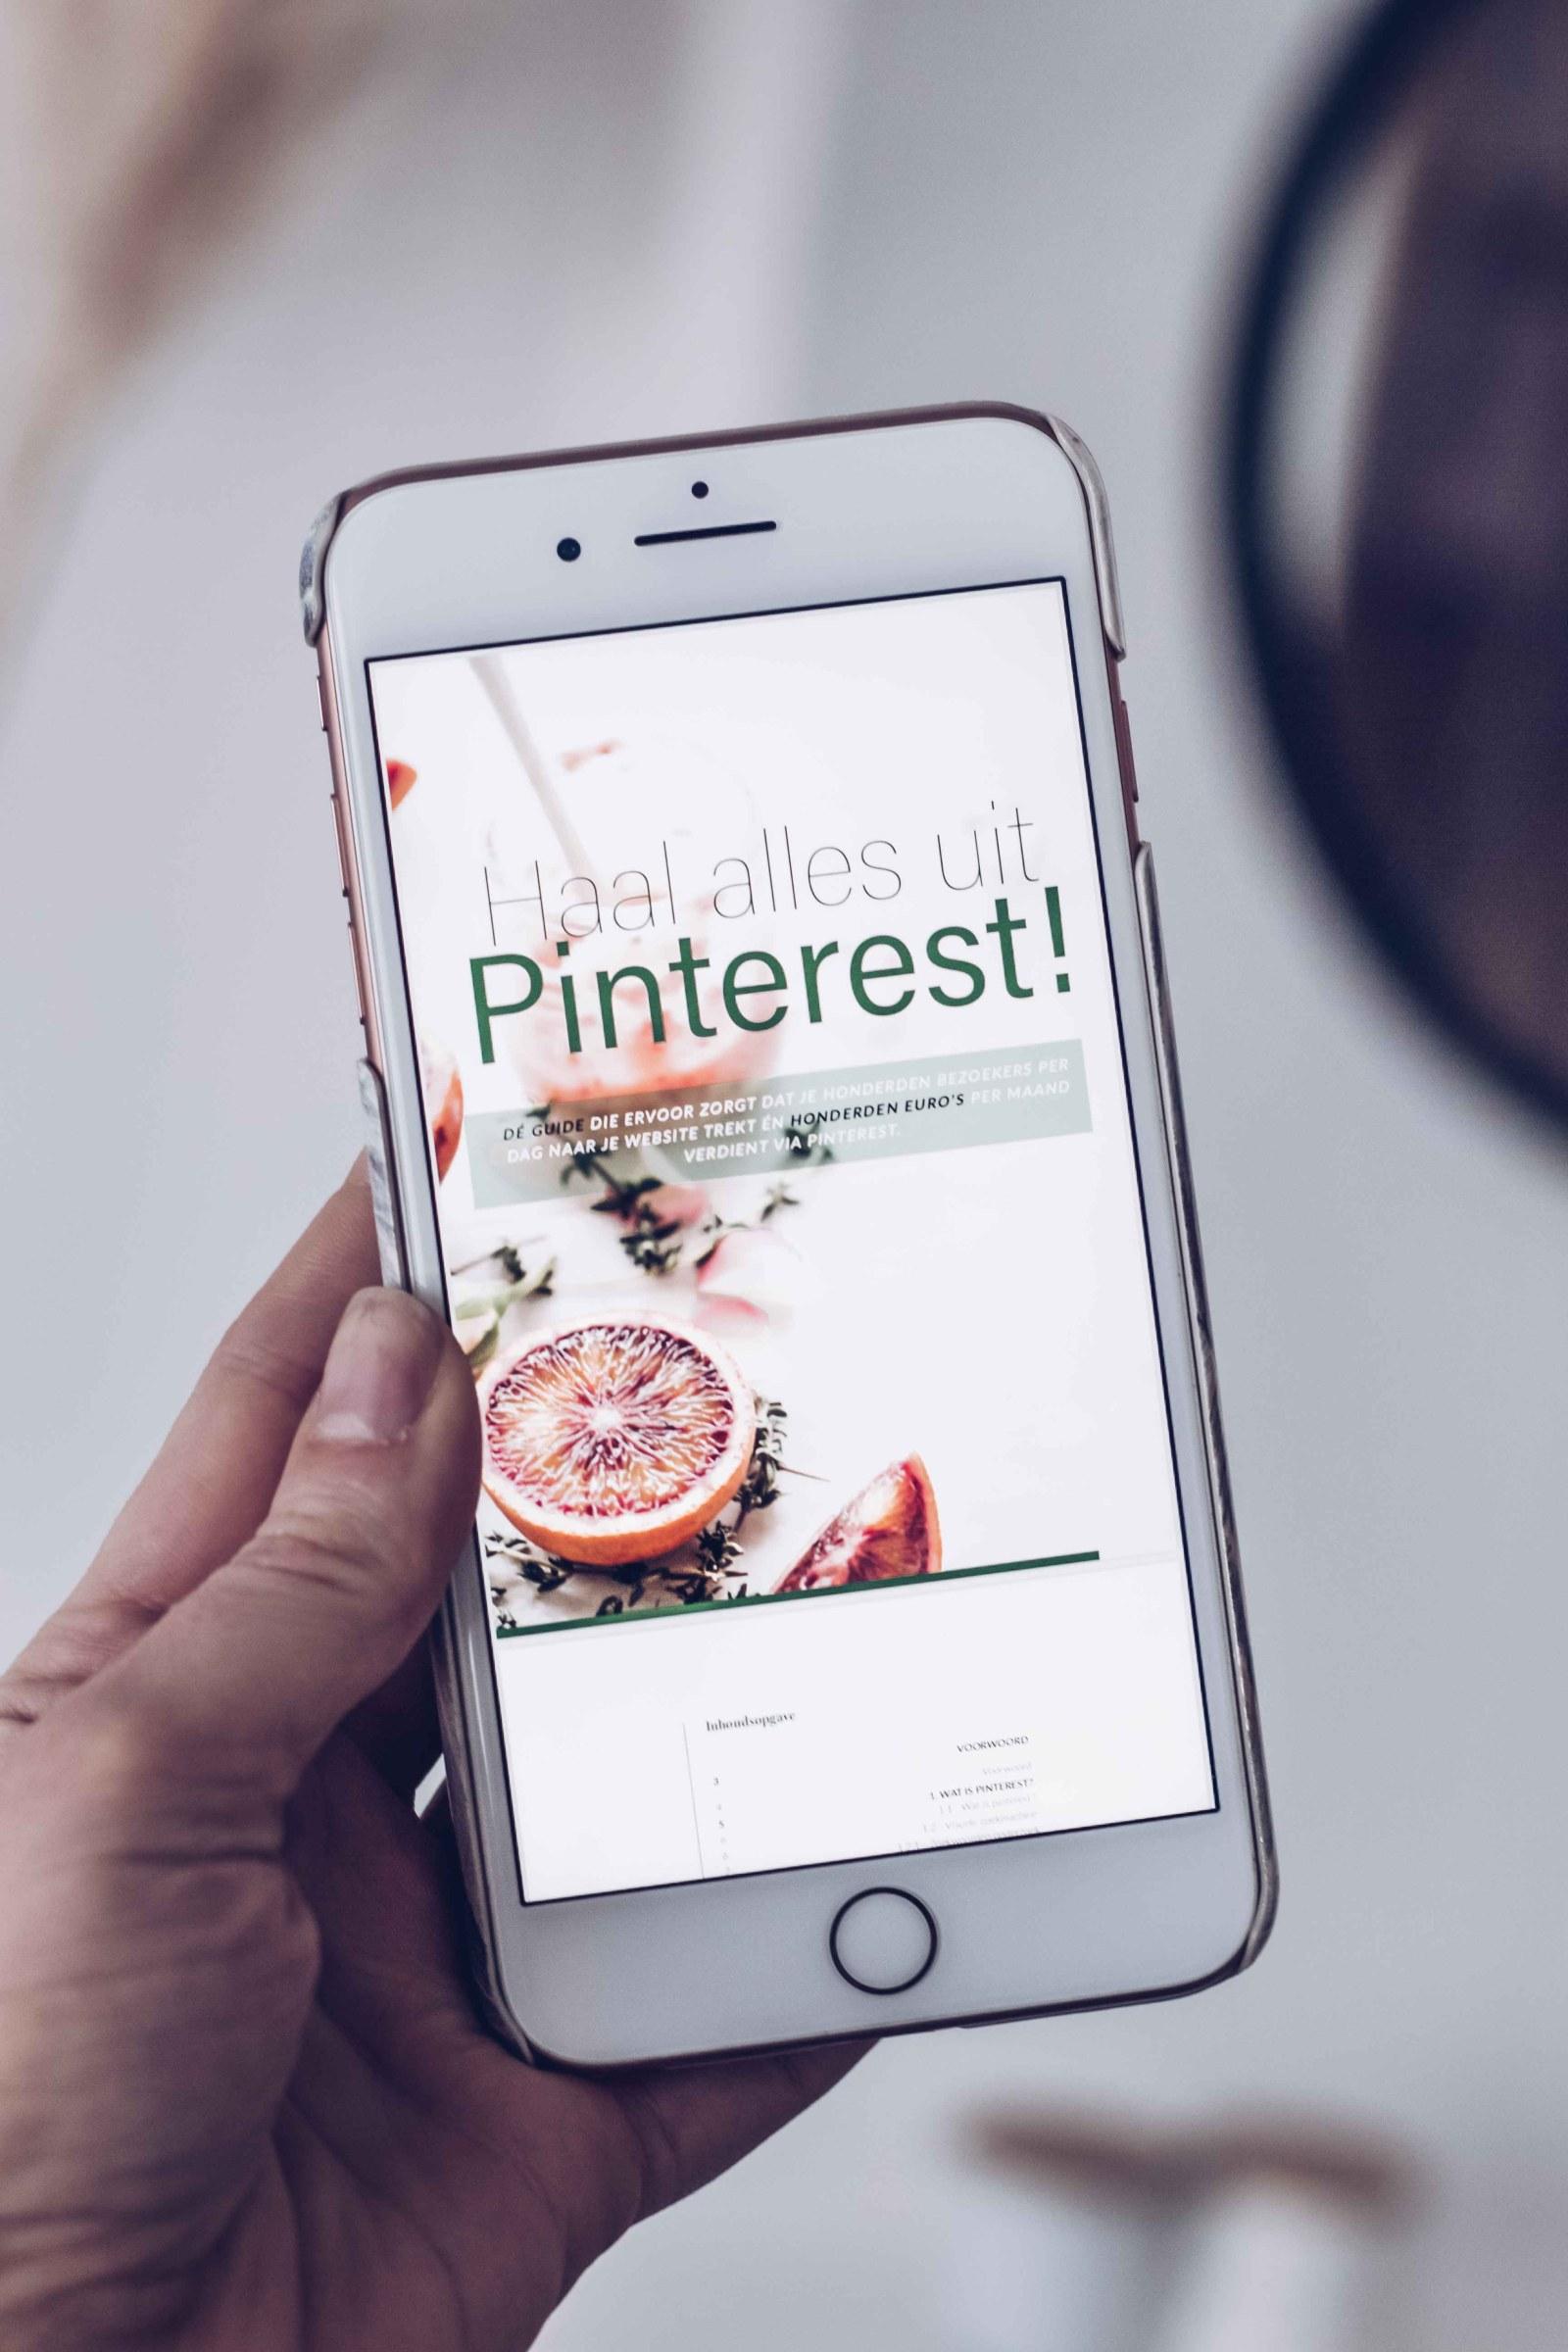 Haal alles uit Pinterest